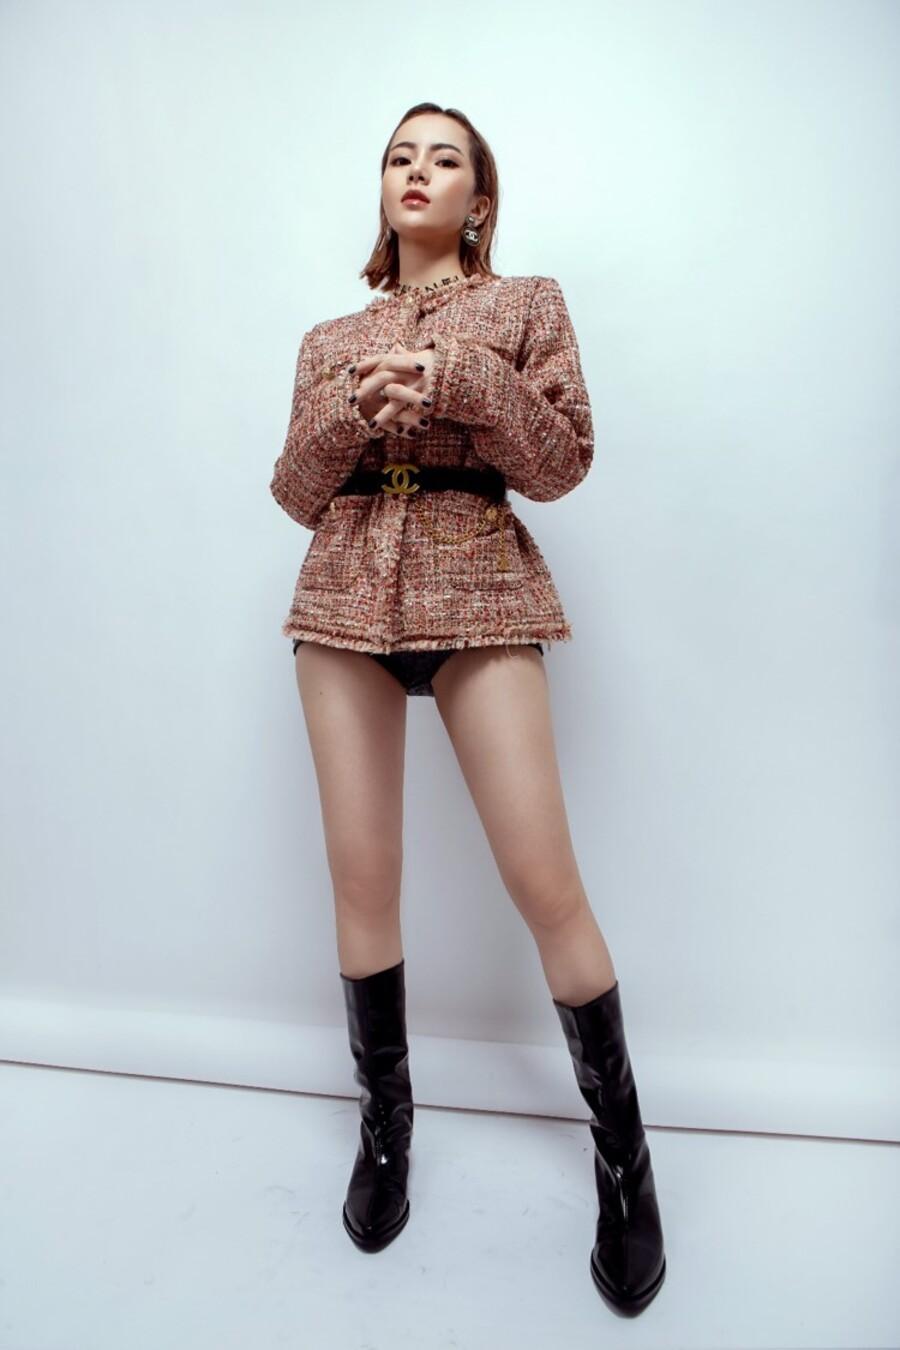 """Nữ ca sĩ bị chỉ trích tạo dáng phản cảm trên sóng truyền hình bất ngờ mặc """"kín bưng"""" - 8"""